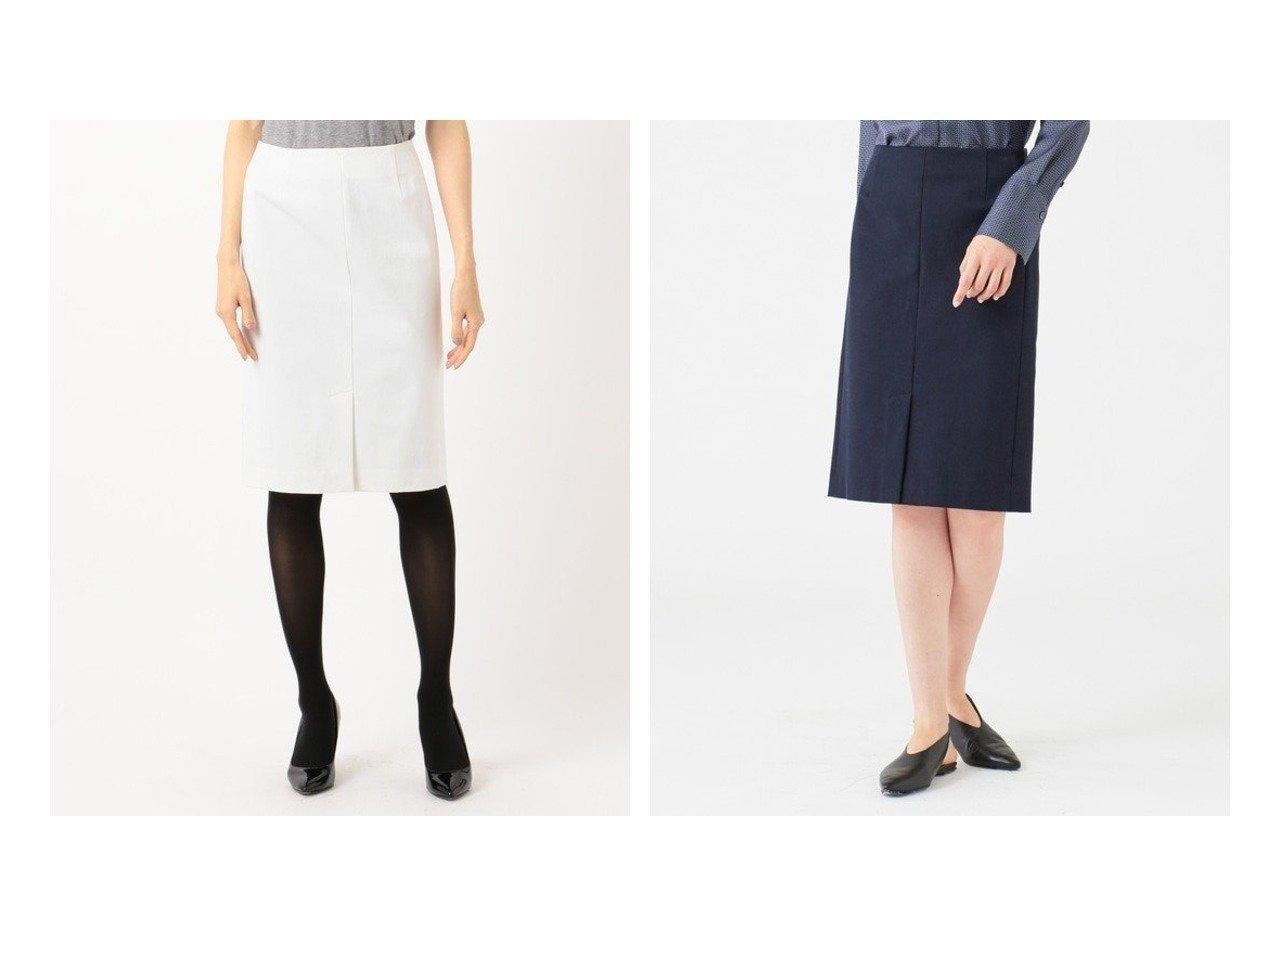 【JOSEPH/ジョゼフ】の【新提案】 GABARDINE STRETCH スカート スカートのおすすめ!人気、レディースファッションの通販 おすすめで人気のファッション通販商品 インテリア・家具・キッズファッション・メンズファッション・レディースファッション・服の通販 founy(ファニー) https://founy.com/ ファッション Fashion レディース WOMEN スカート Skirt ジャケット ストレッチ セットアップ センター 定番 人気 バランス フロント ベーシック  ID:crp329100000003034